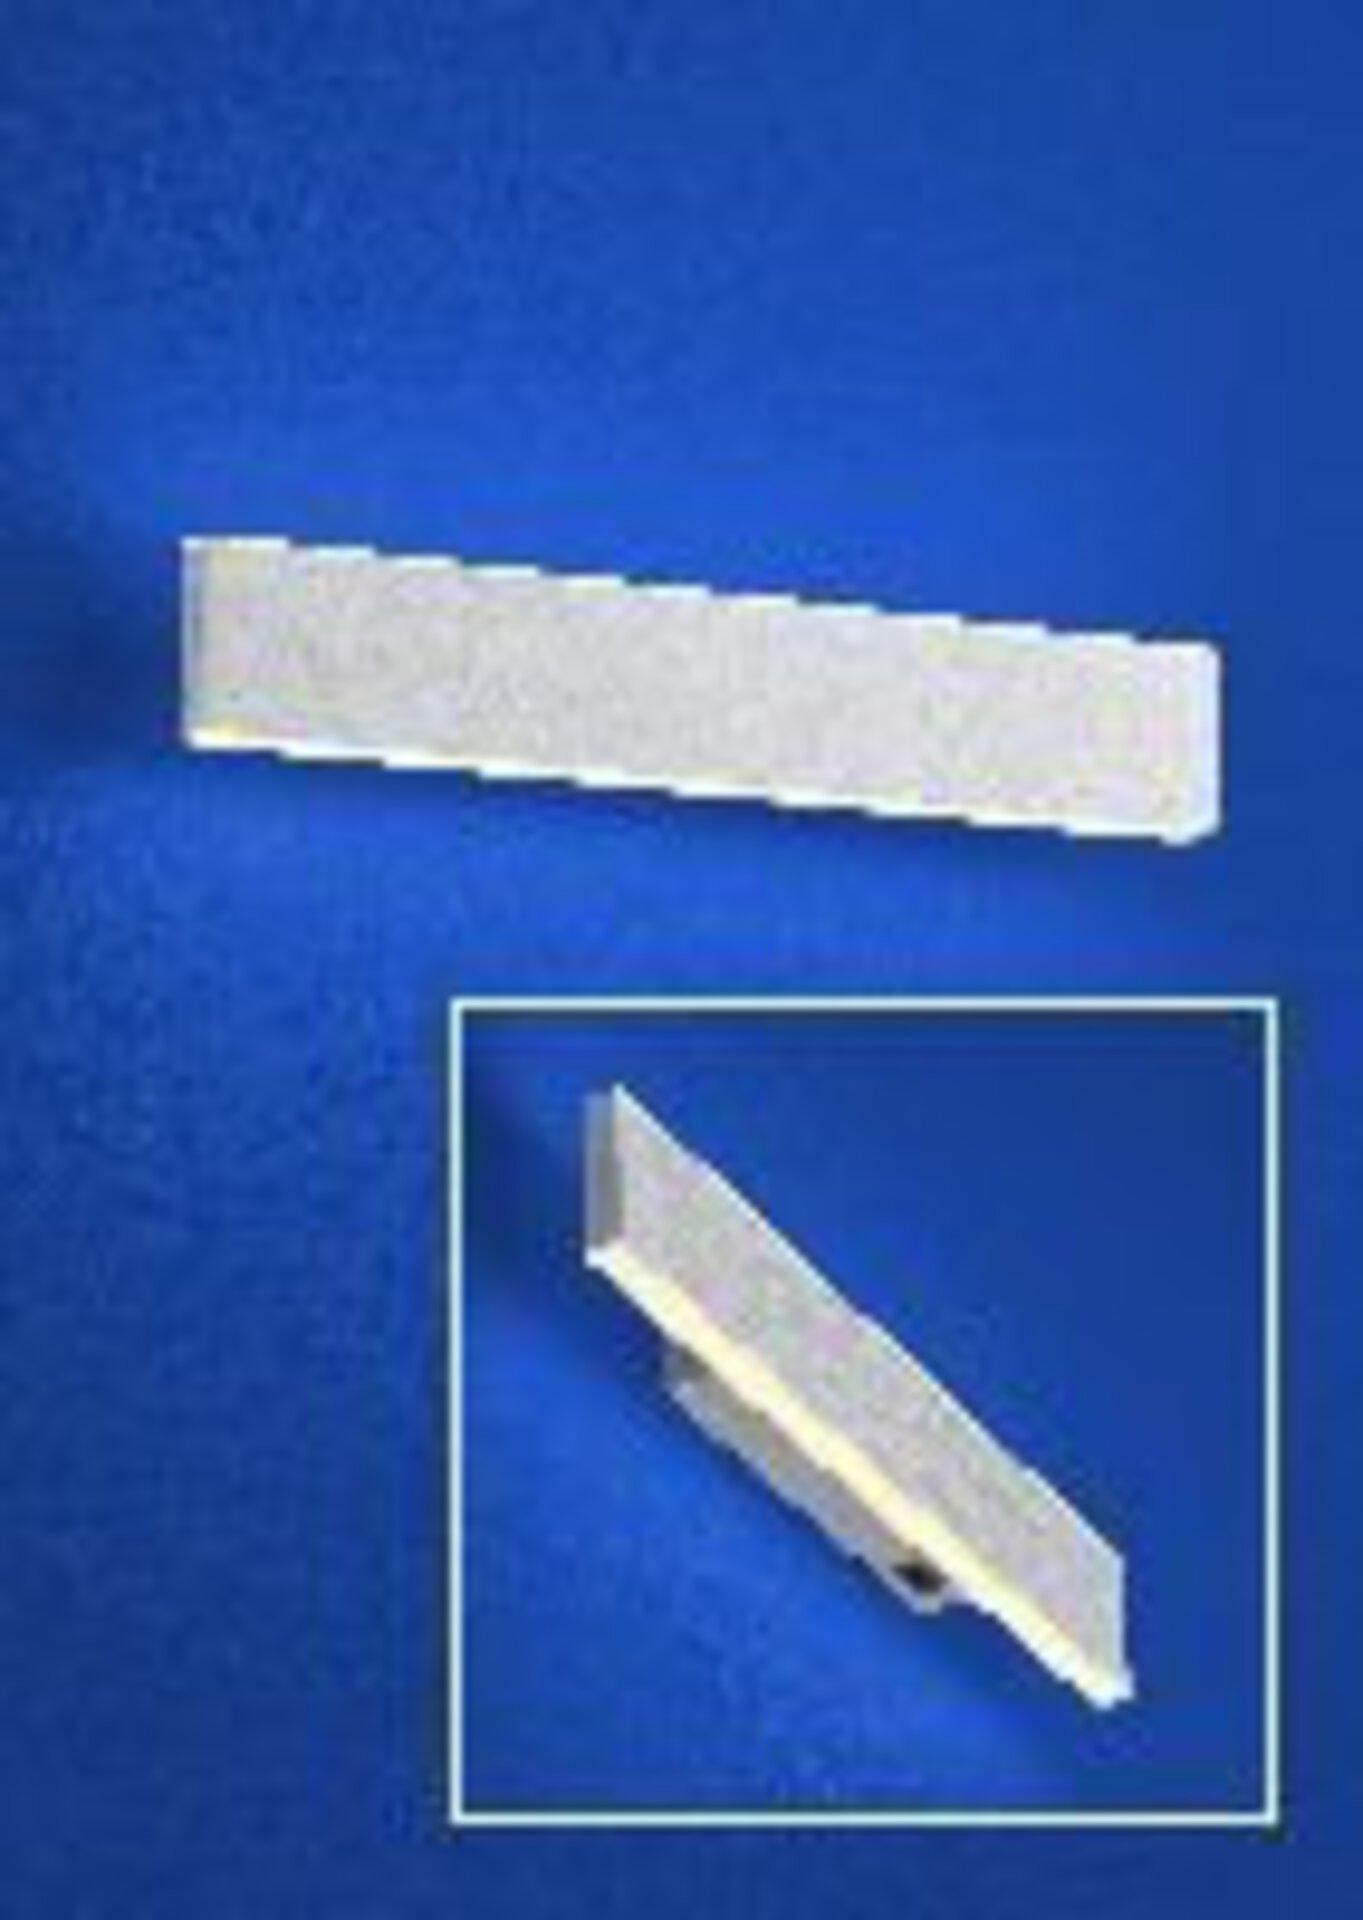 Wandleuchte DELTA B-Leuchten Metall silber 5 x 3 x 30 cm